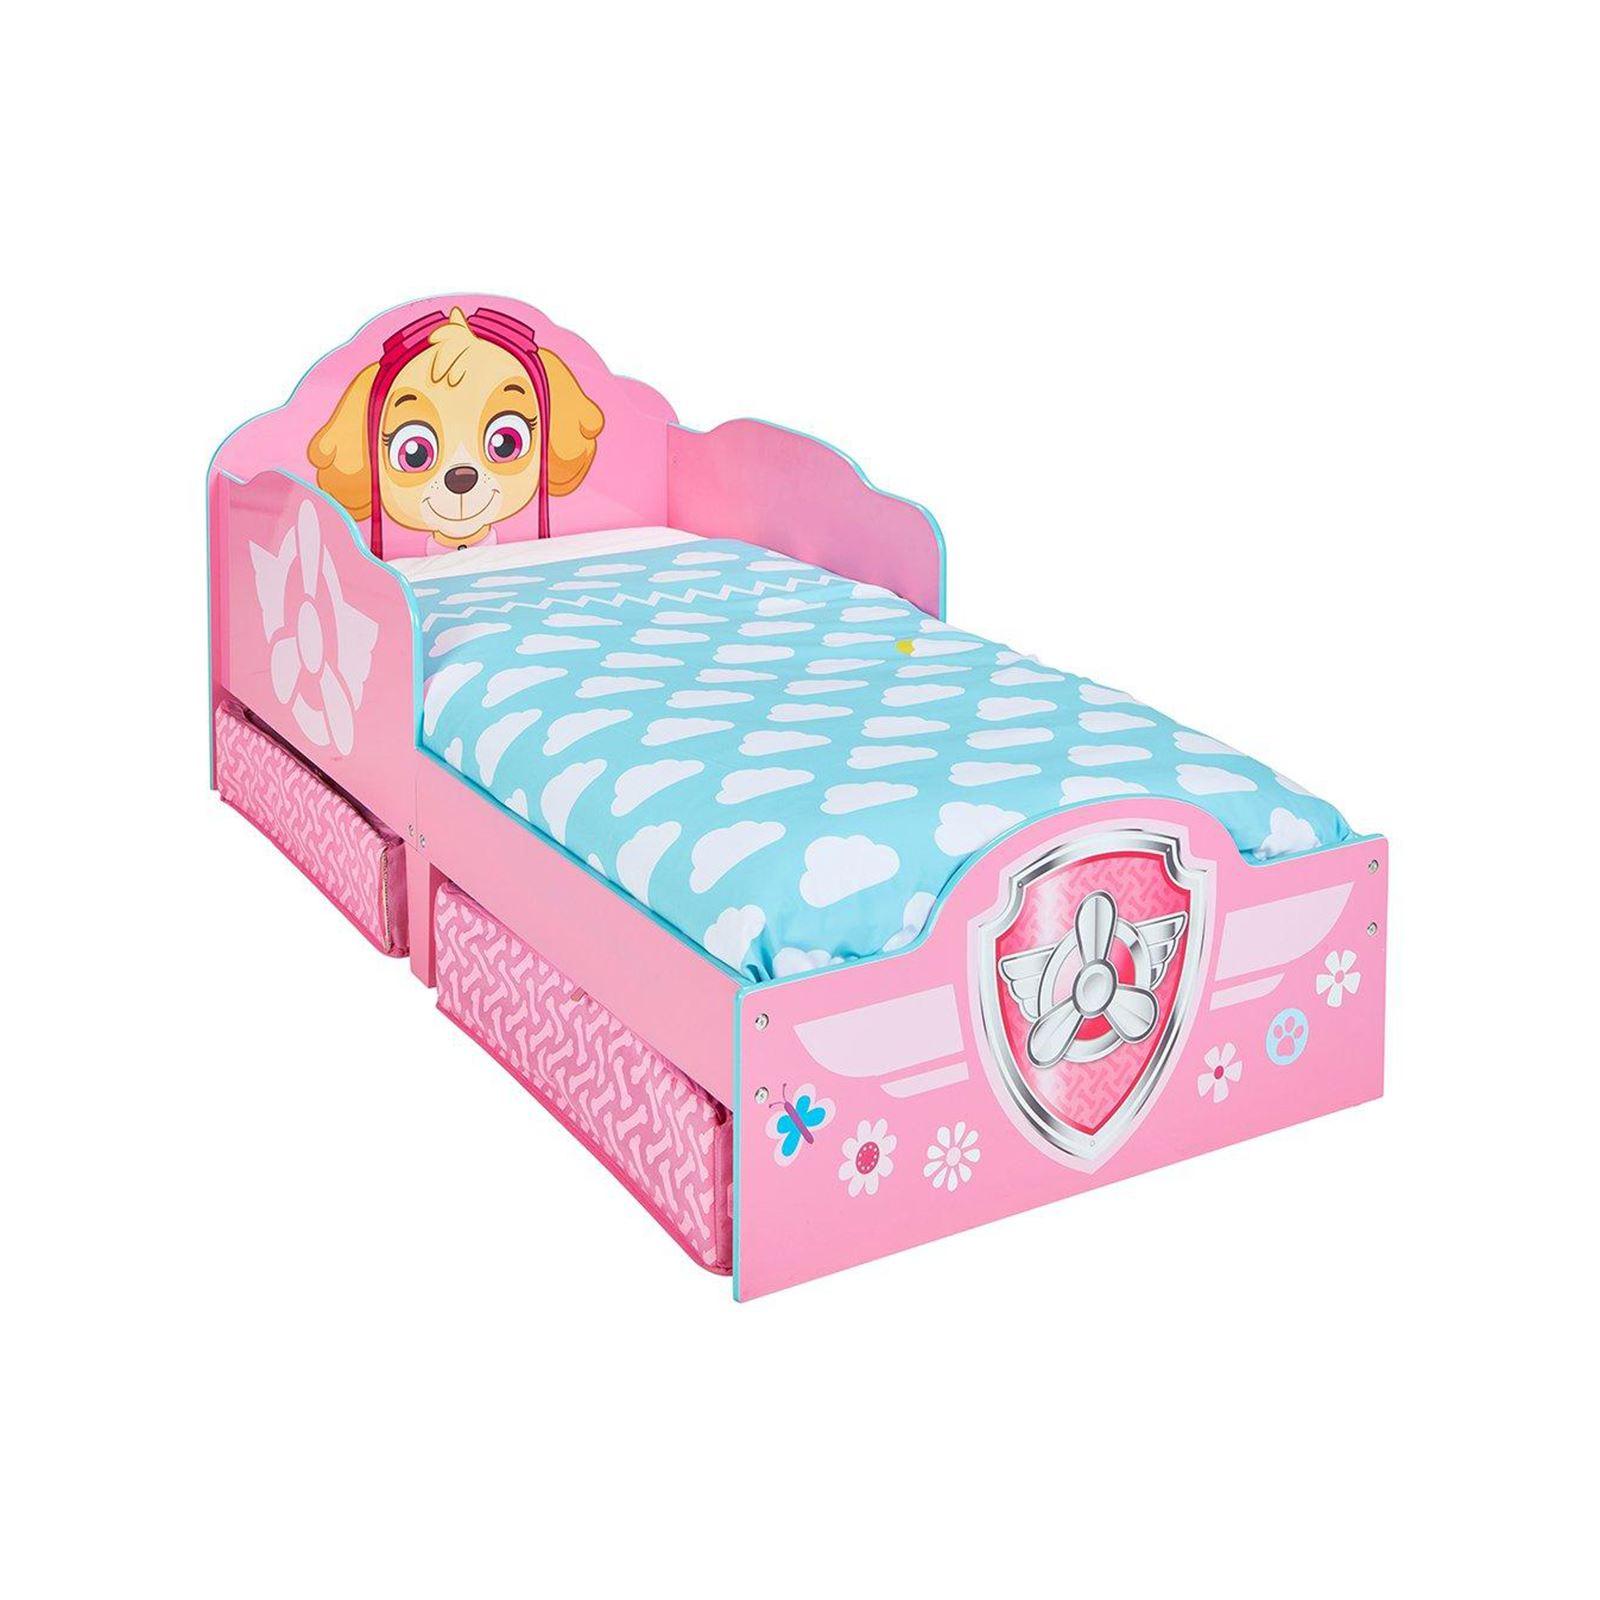 paw patrol skye kleinkind bett mit unterbett aufbewahrung. Black Bedroom Furniture Sets. Home Design Ideas